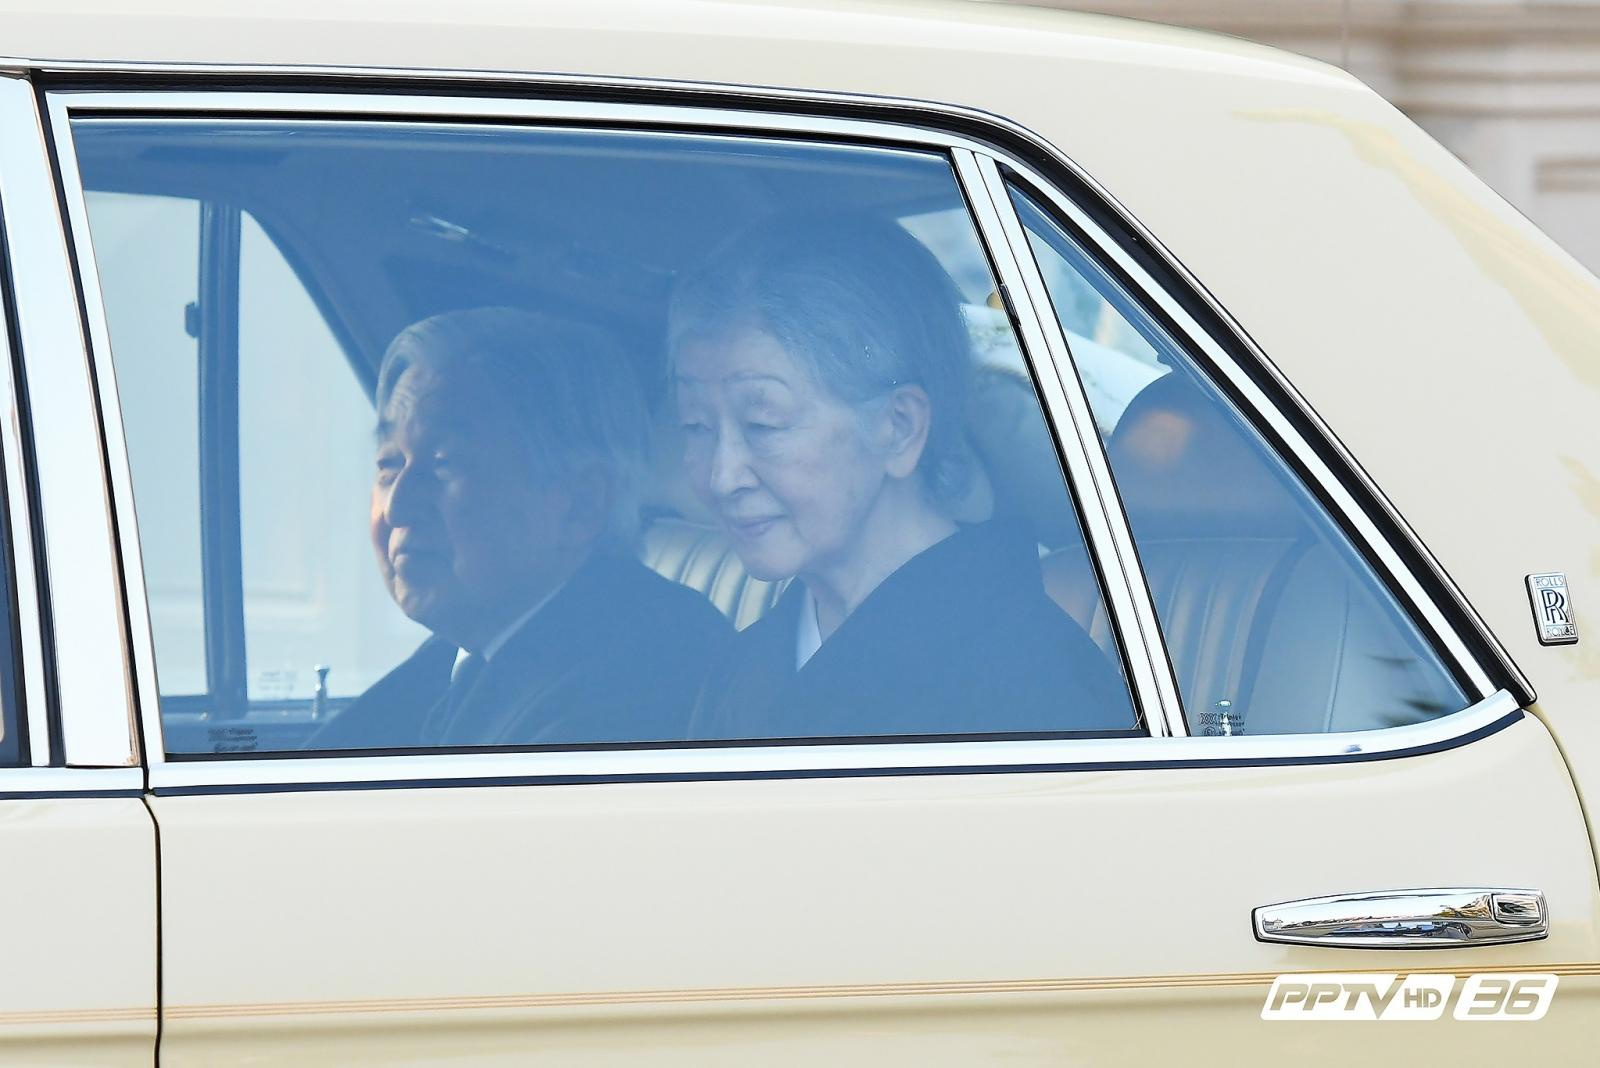 """""""สมเด็จพระจักรพรรดิญี่ปุ่น"""" เข้าถวายสักการะพระบรมศพ ในหลวงรัชกาลที่ 9"""